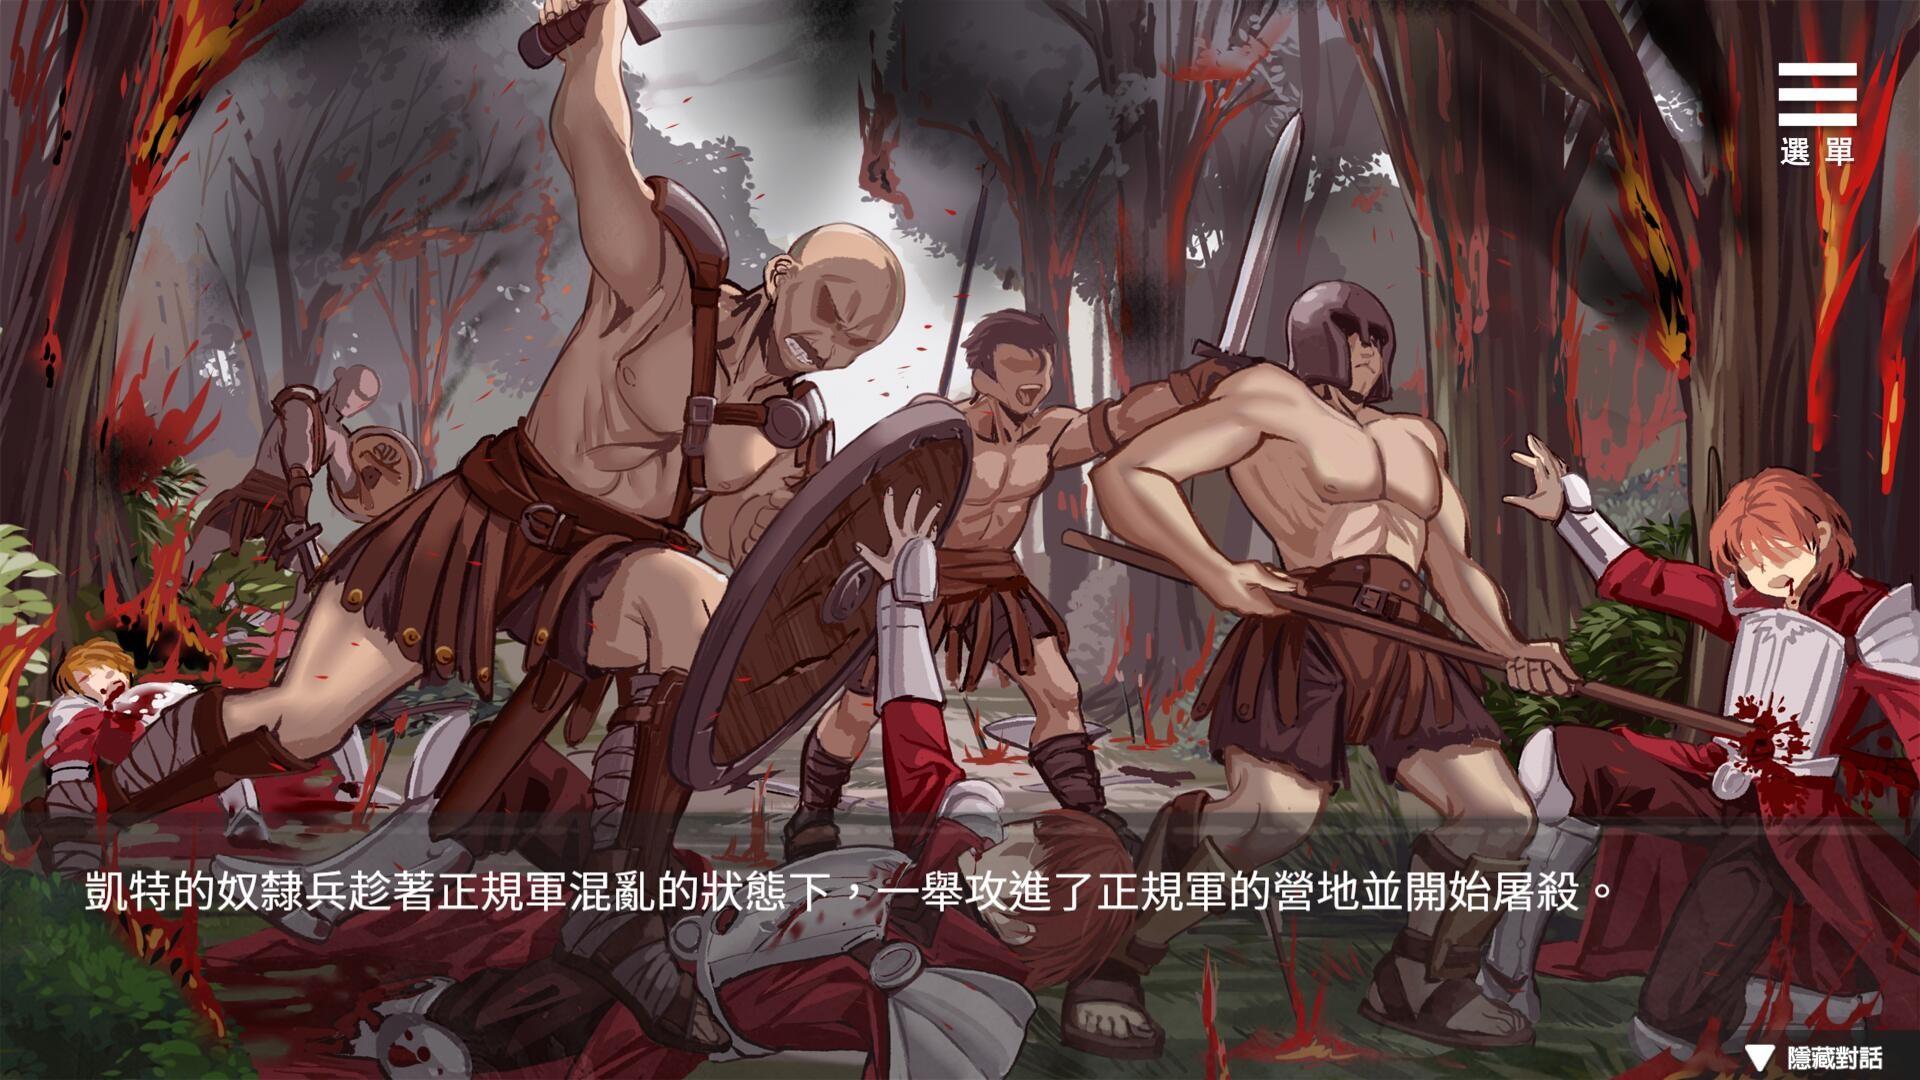 【無聖光】國產18禁AVG《監禁女王》Steam上架!支援單手操作!